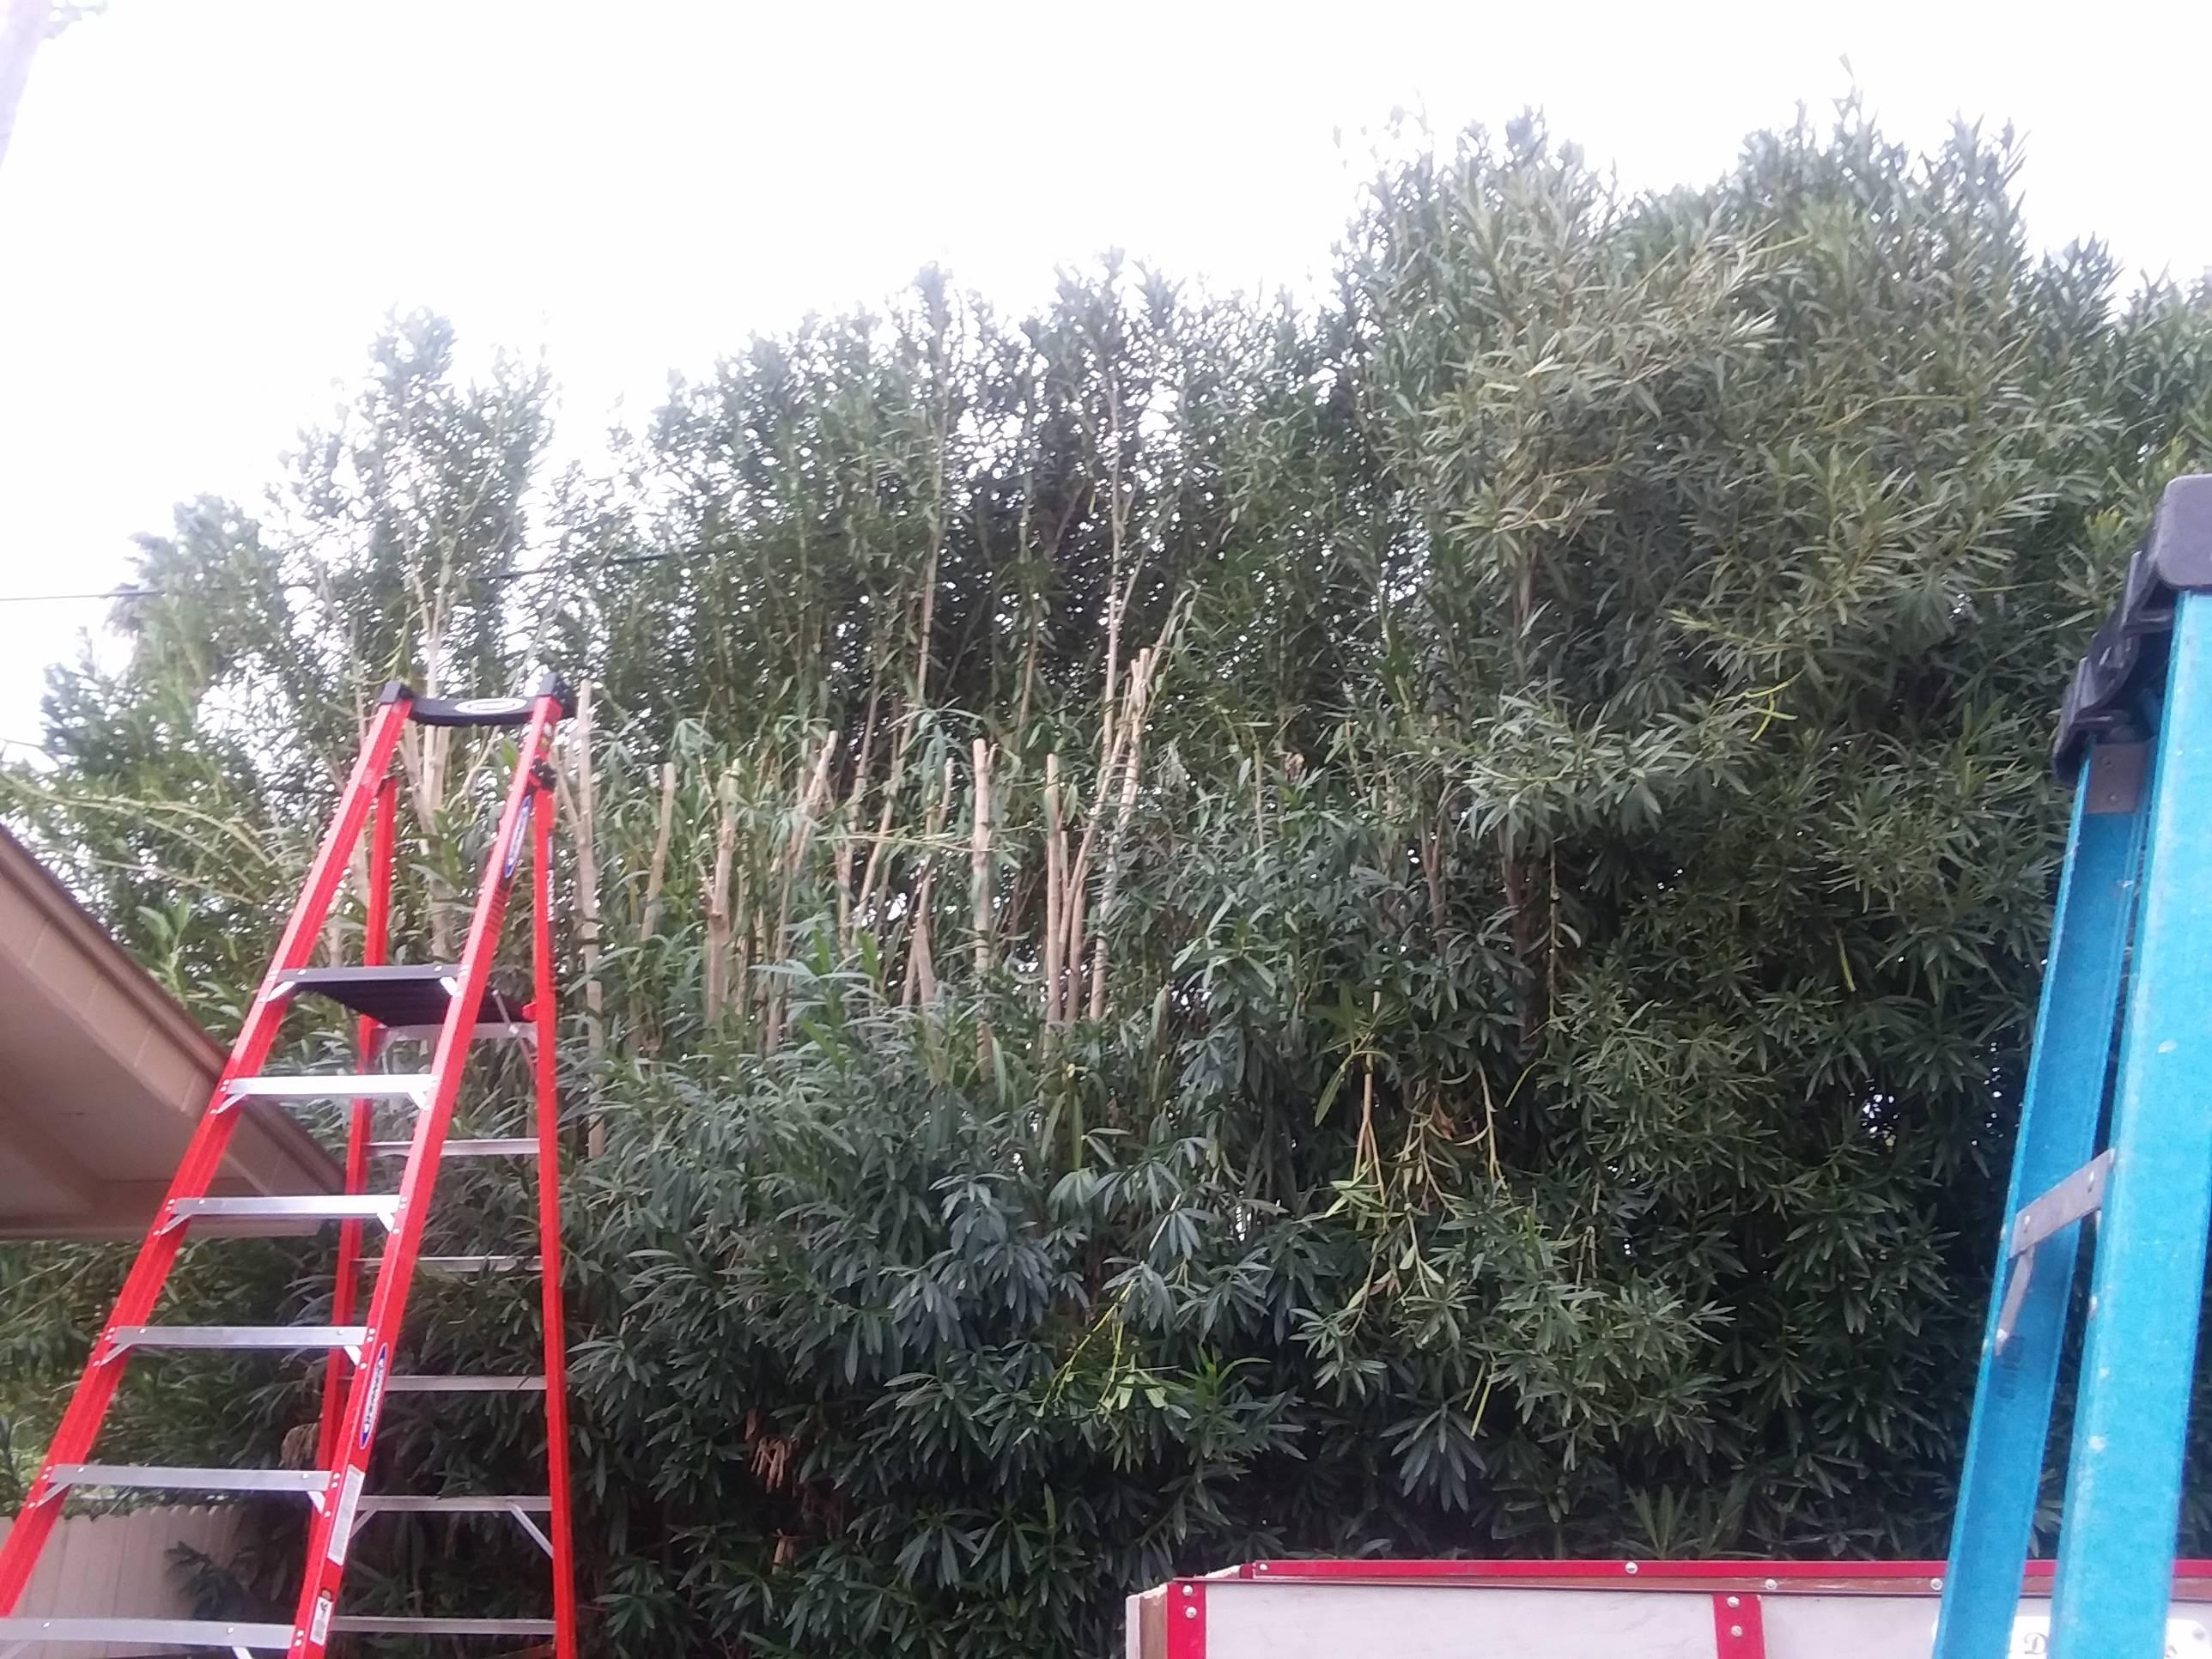 new ladder